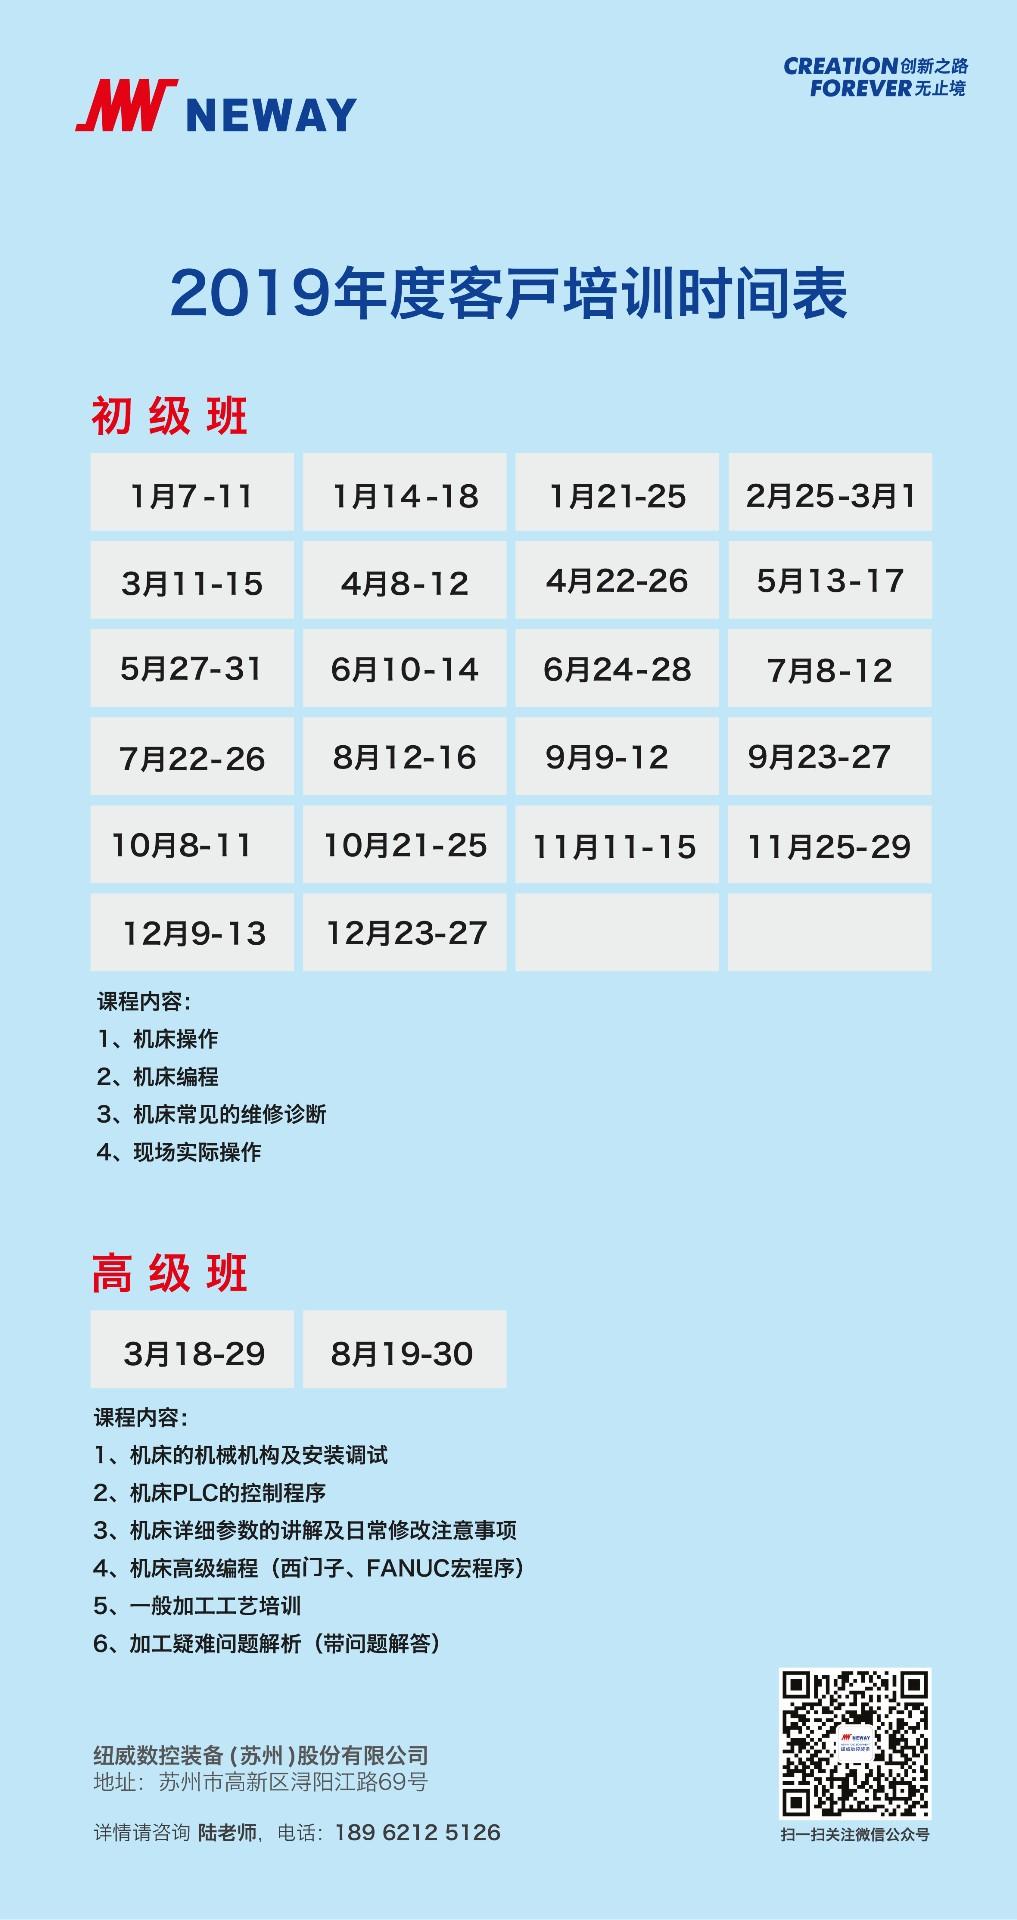 客户培训时间表 02.jpg